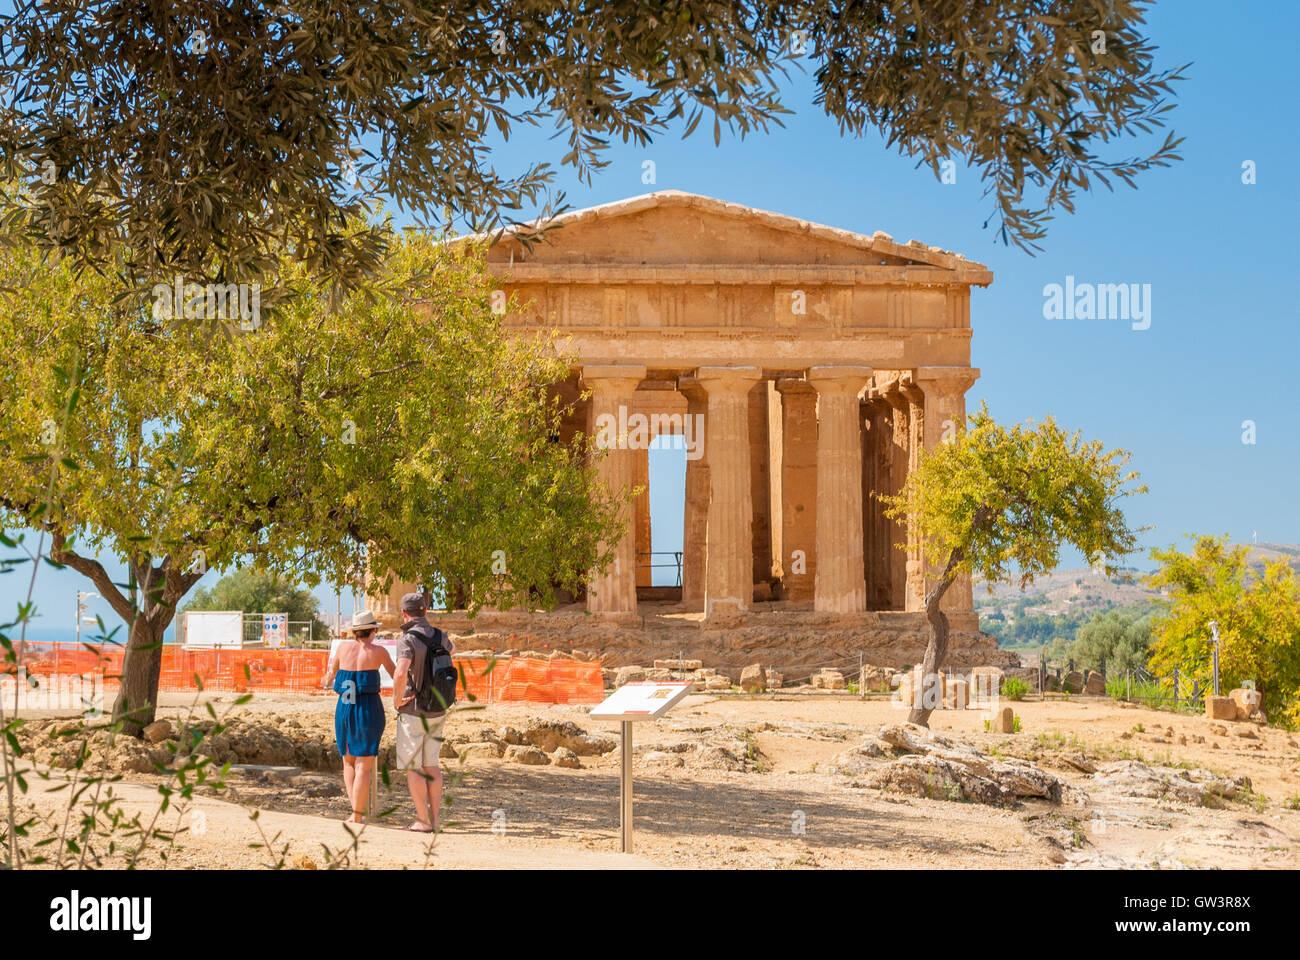 Vista frontal del templo griego de concordia en el valle de los templos de Agrigento (Sicilia). Imagen De Stock